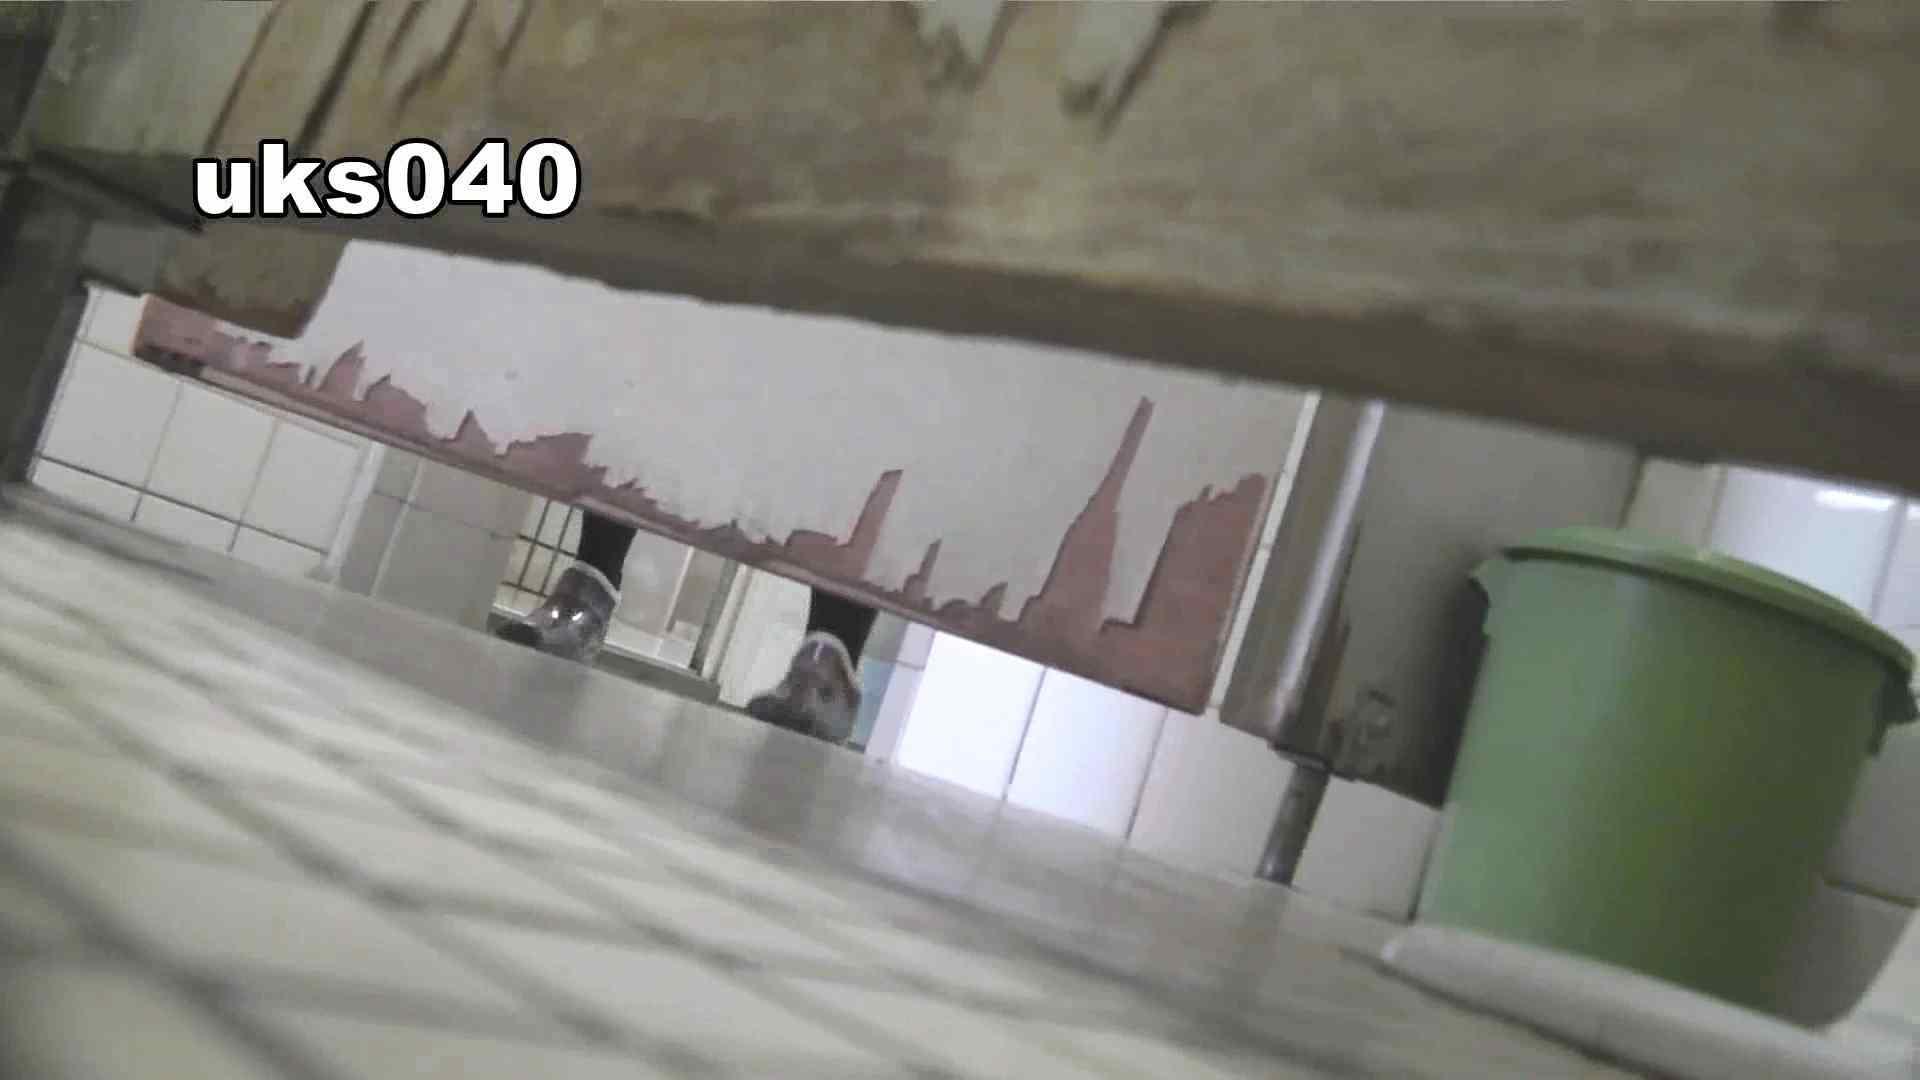 【美しき個室な世界】 vol.040 出て行かれる時の清楚姿撮り 洗面所シーン 濡れ場動画紹介 101画像 101